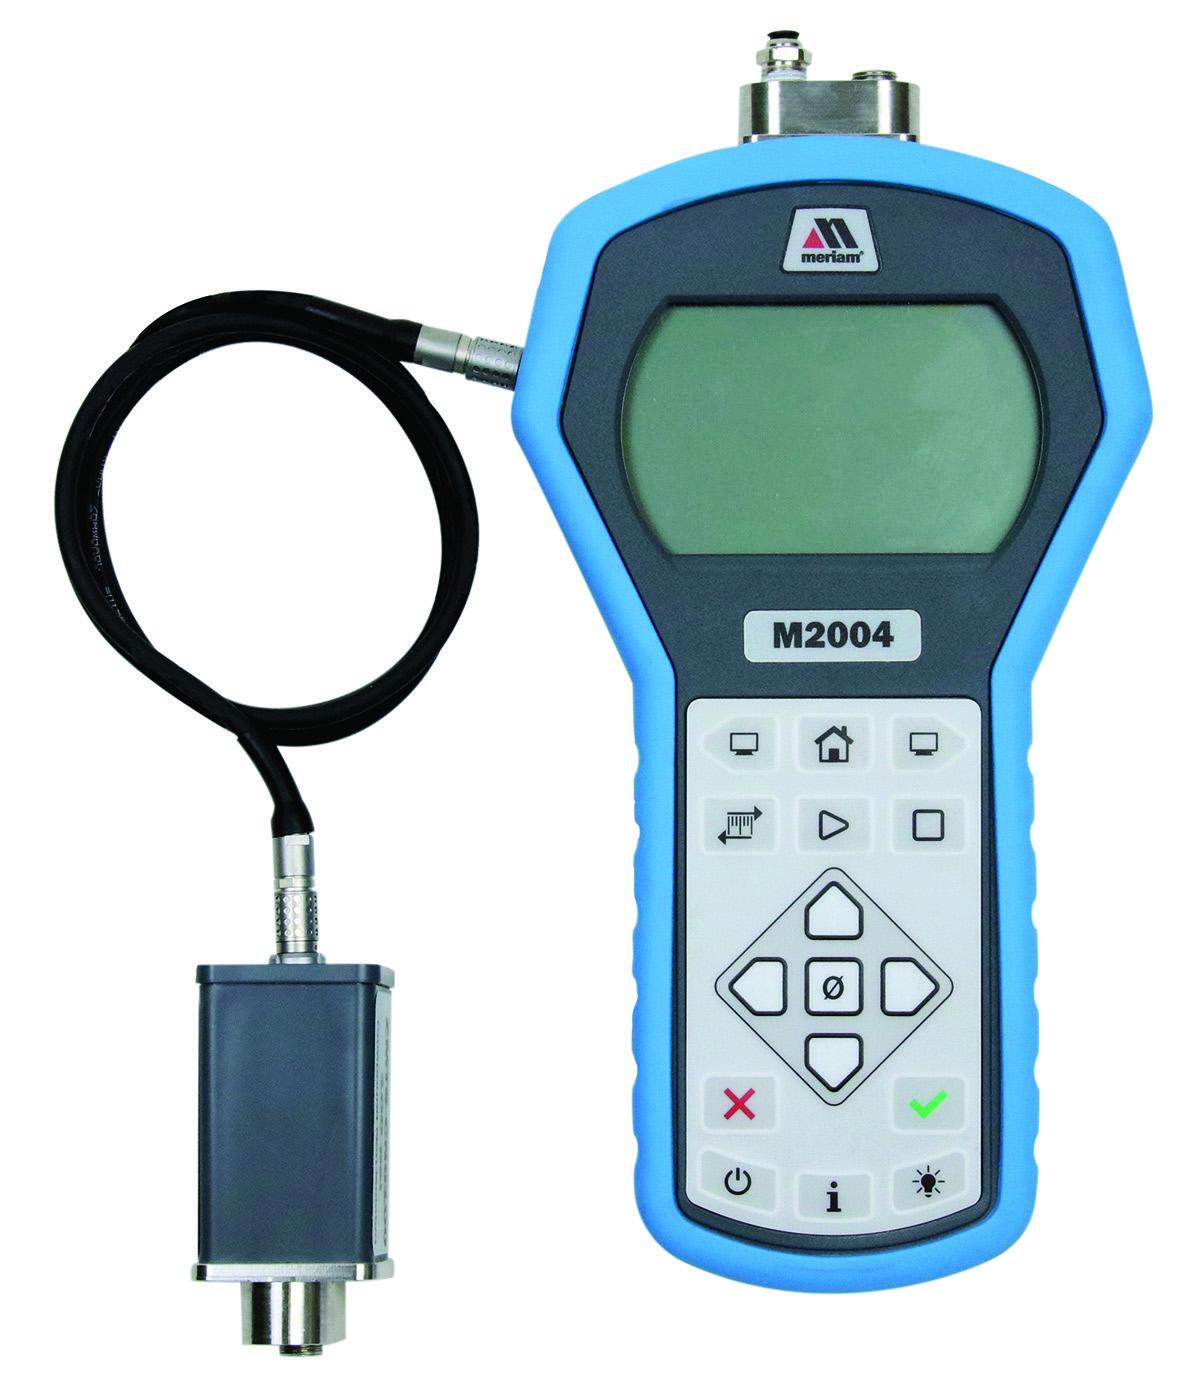 M2004系列智能压力计